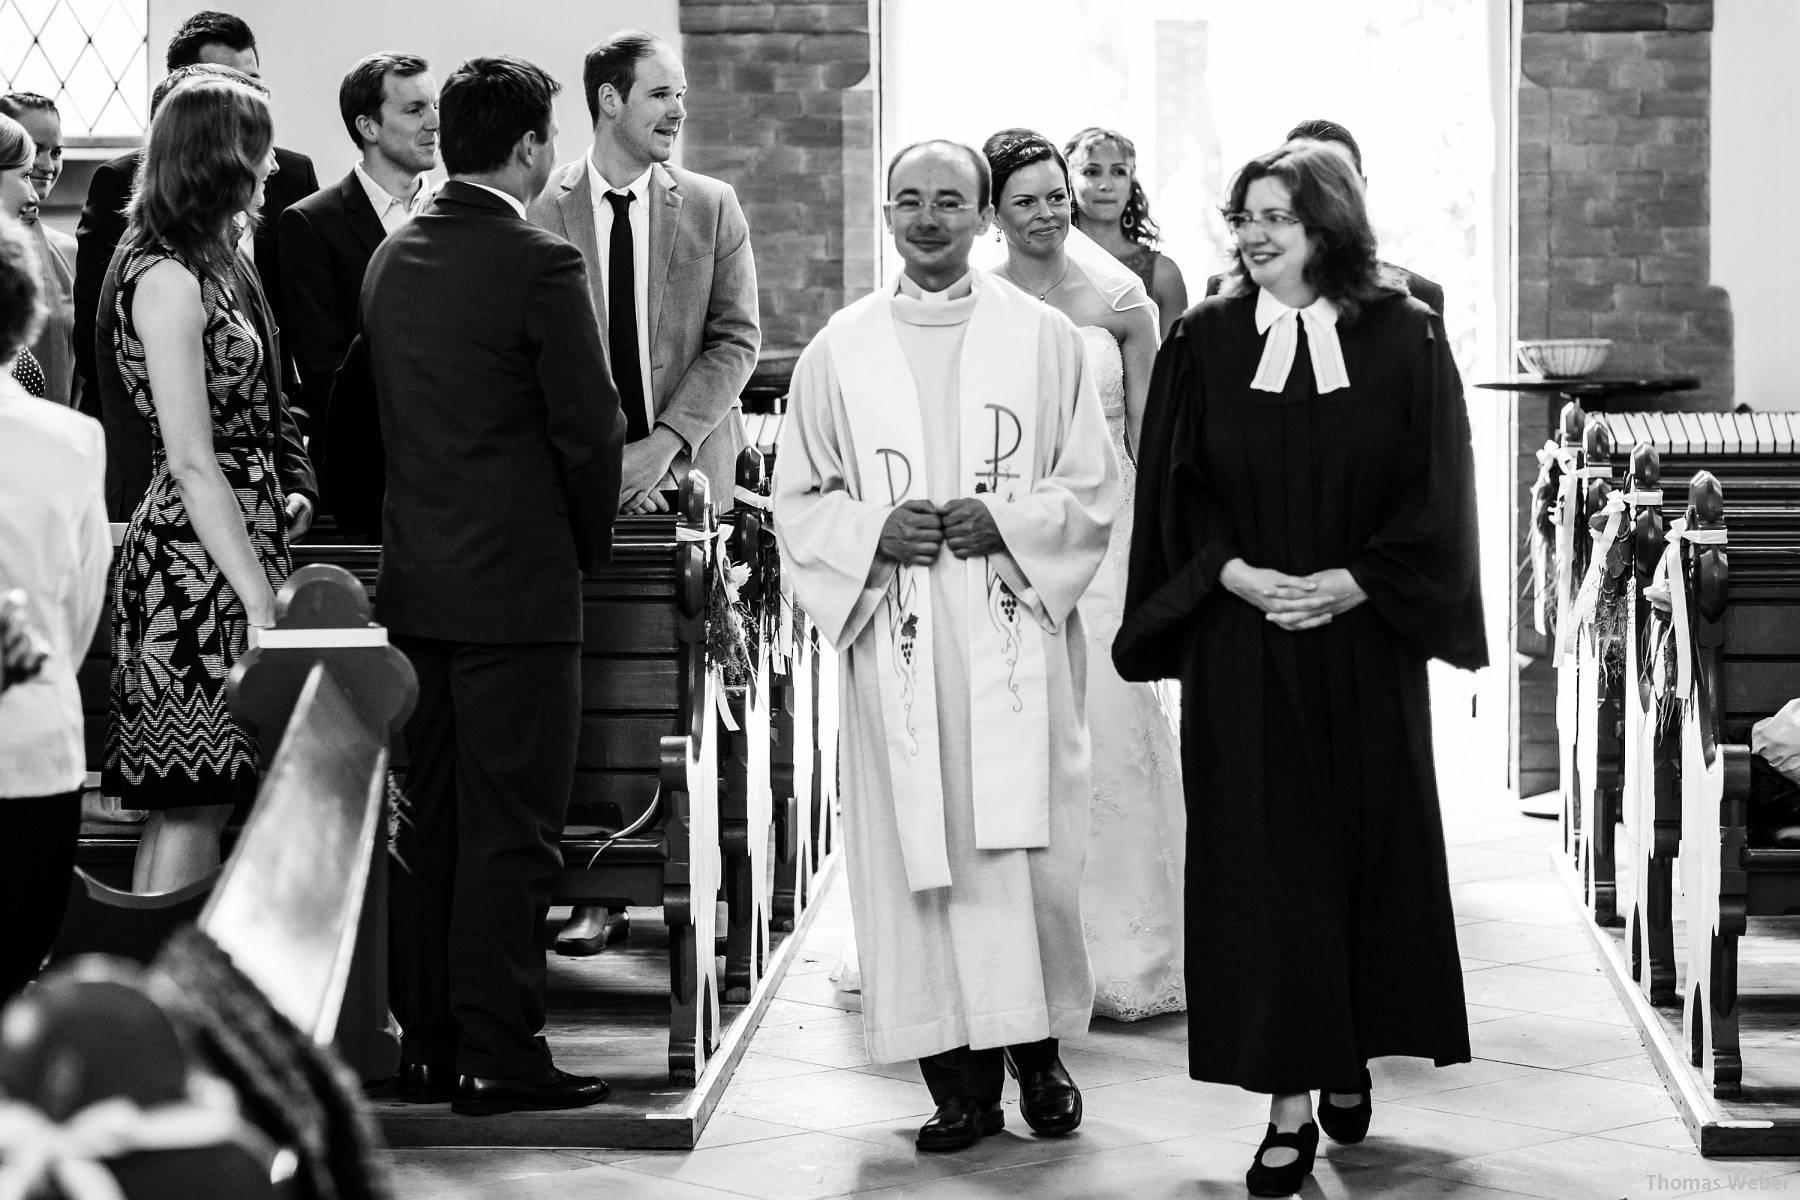 Hochzeitsfotograf Oldenburg: Kirchliche Trauung in der Garnisonkirche Oldenburg und Feier im Landhaus Etzhorn Oldenburg (3)